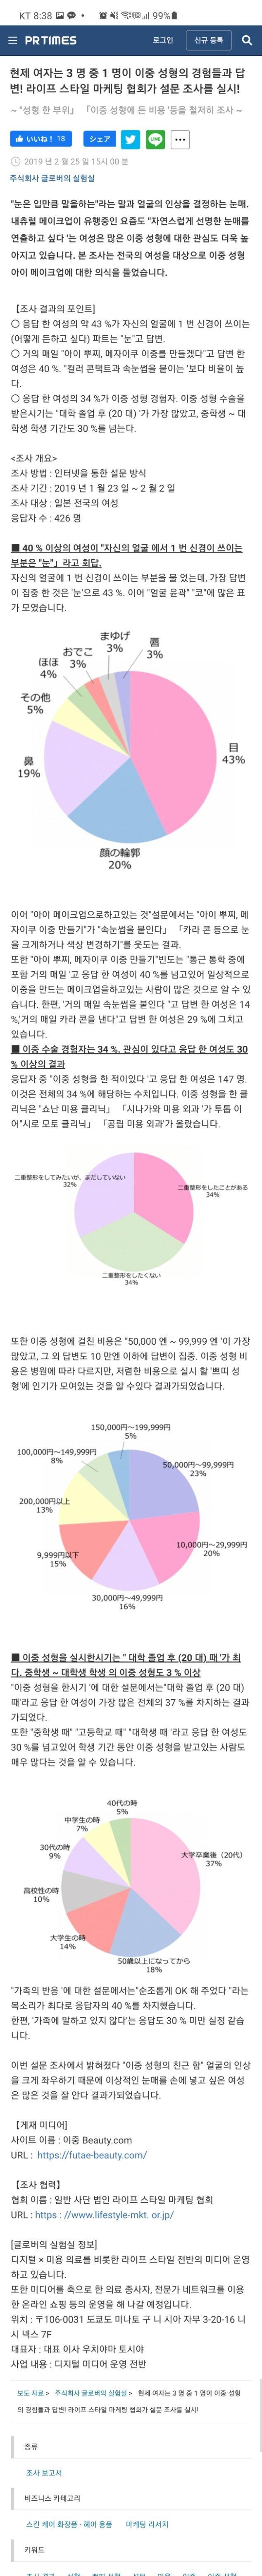 viewimage.php?id=2fbcc323e7d334aa51b1d3a24781&no=24b0d769e1d32ca73fec81fa11d02831b46f6c3837711f4400726c62dd69225b1c81e87a65783e538f18abefc196c18f028d837282e3f48033831f50df598475ca11c0ad64ba3338572a